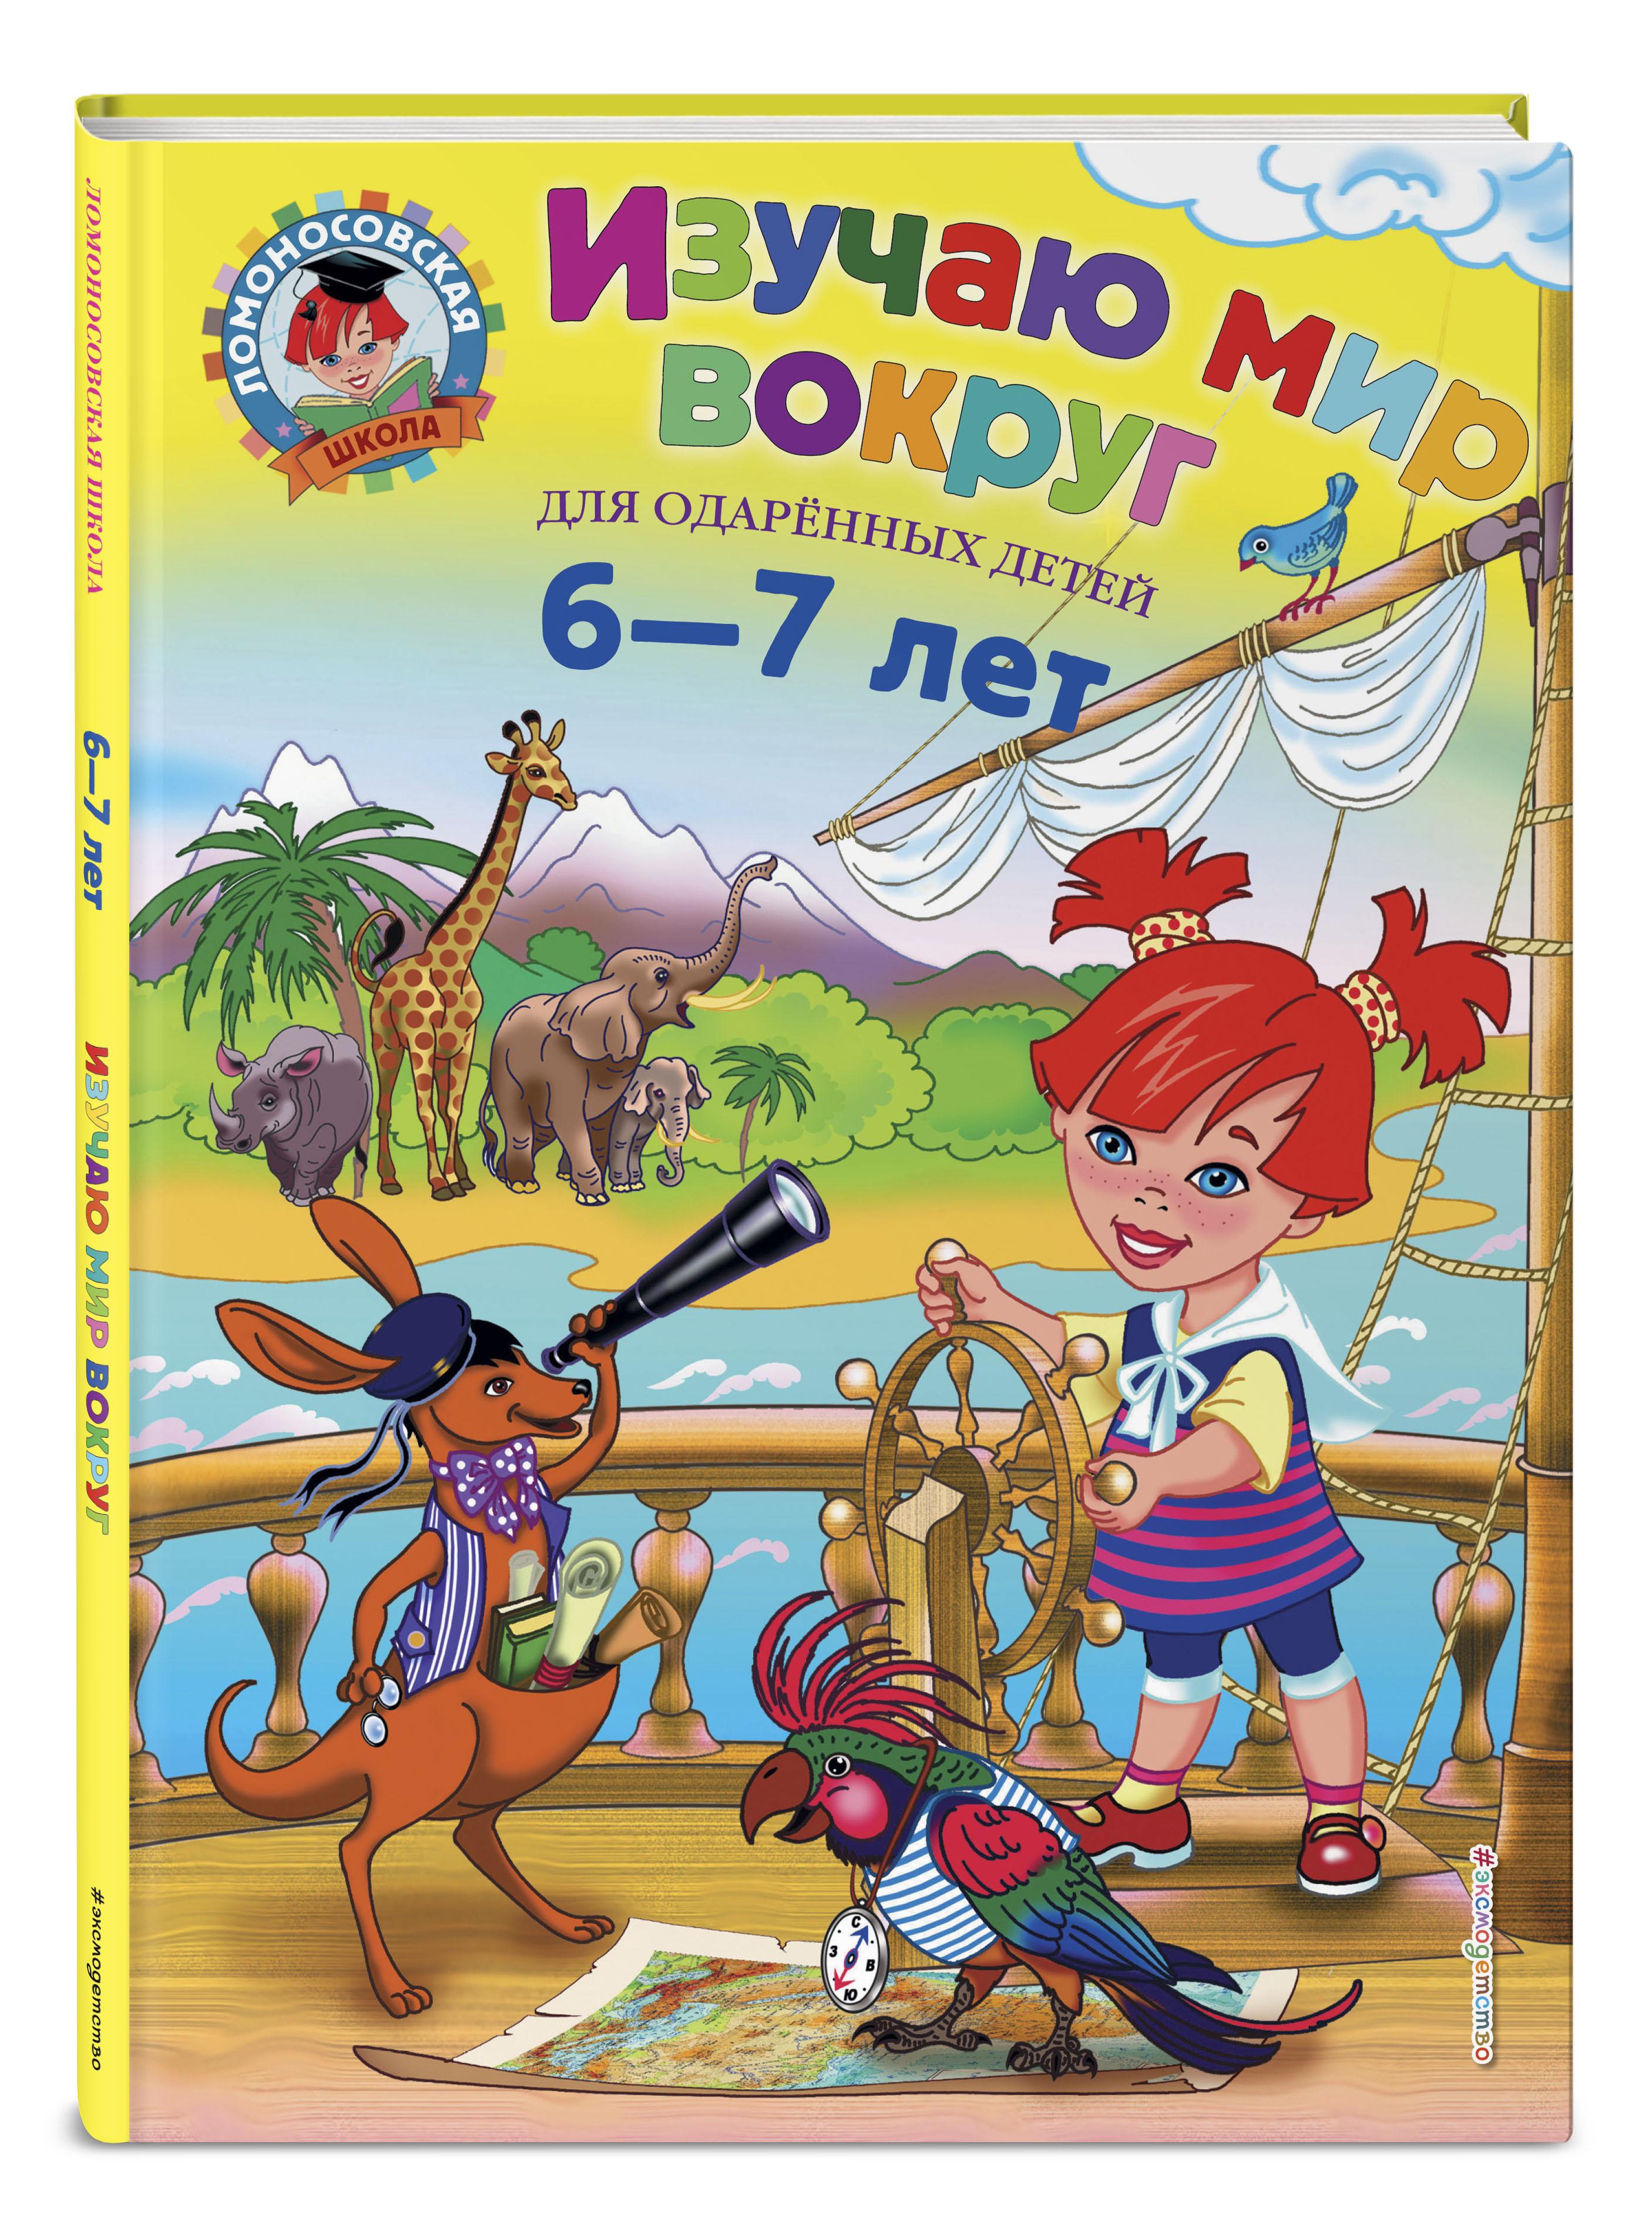 Липская Н.М. Изучаю мир вокруг: для детей 6-7 лет книги эксмо изучаю мир вокруг для детей 6 7 лет page 7